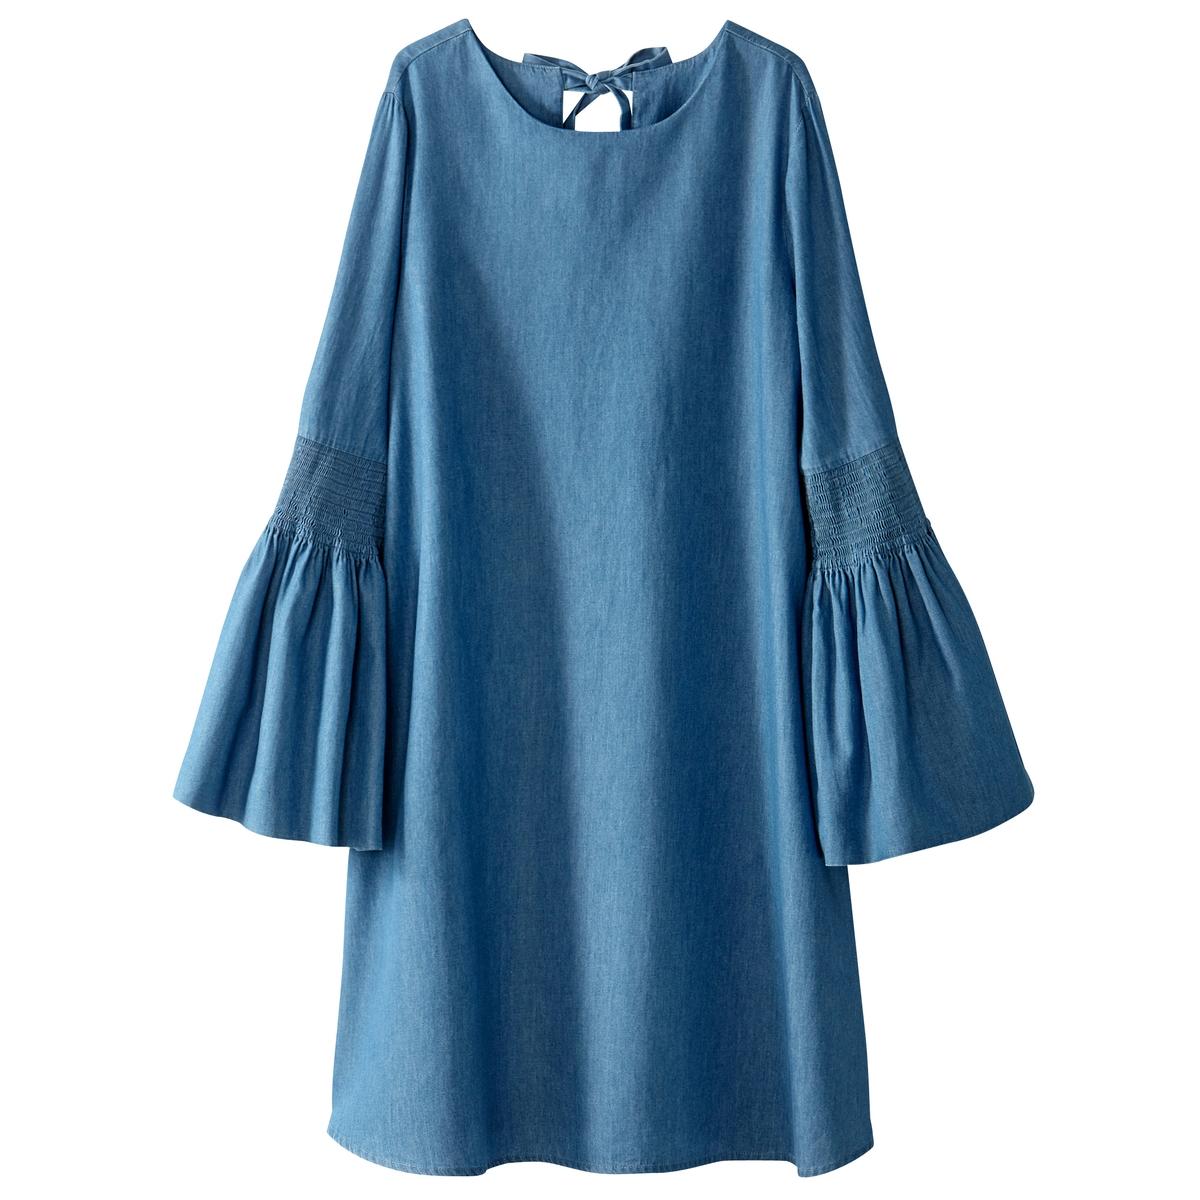 Платье из легкого денима, с рукавами, расширяющимися к низу